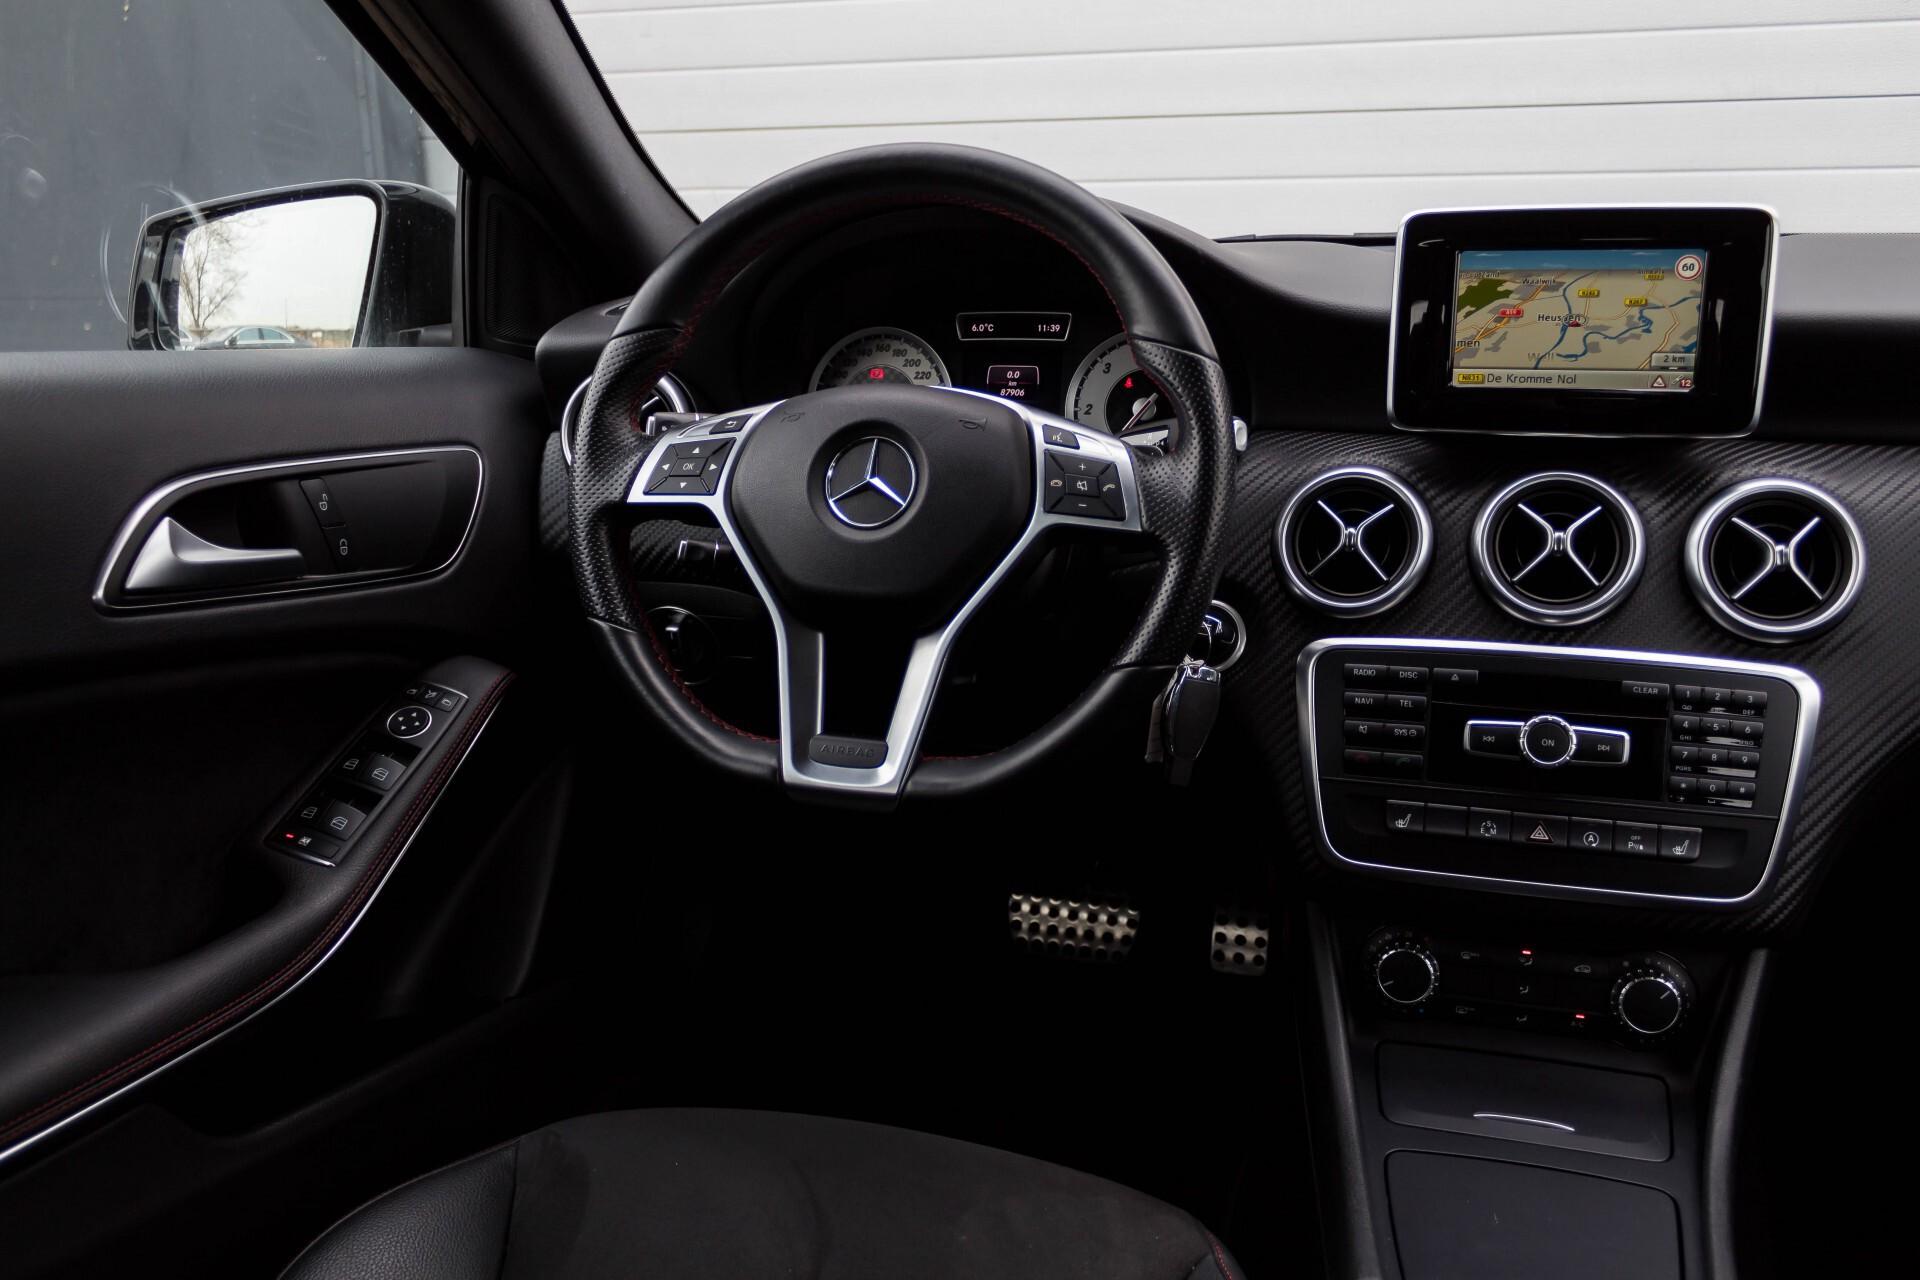 Mercedes-Benz A-Klasse 180 Cdi AMG Panorama Bi-xenon/Navi/PTS Aut7 Foto 6